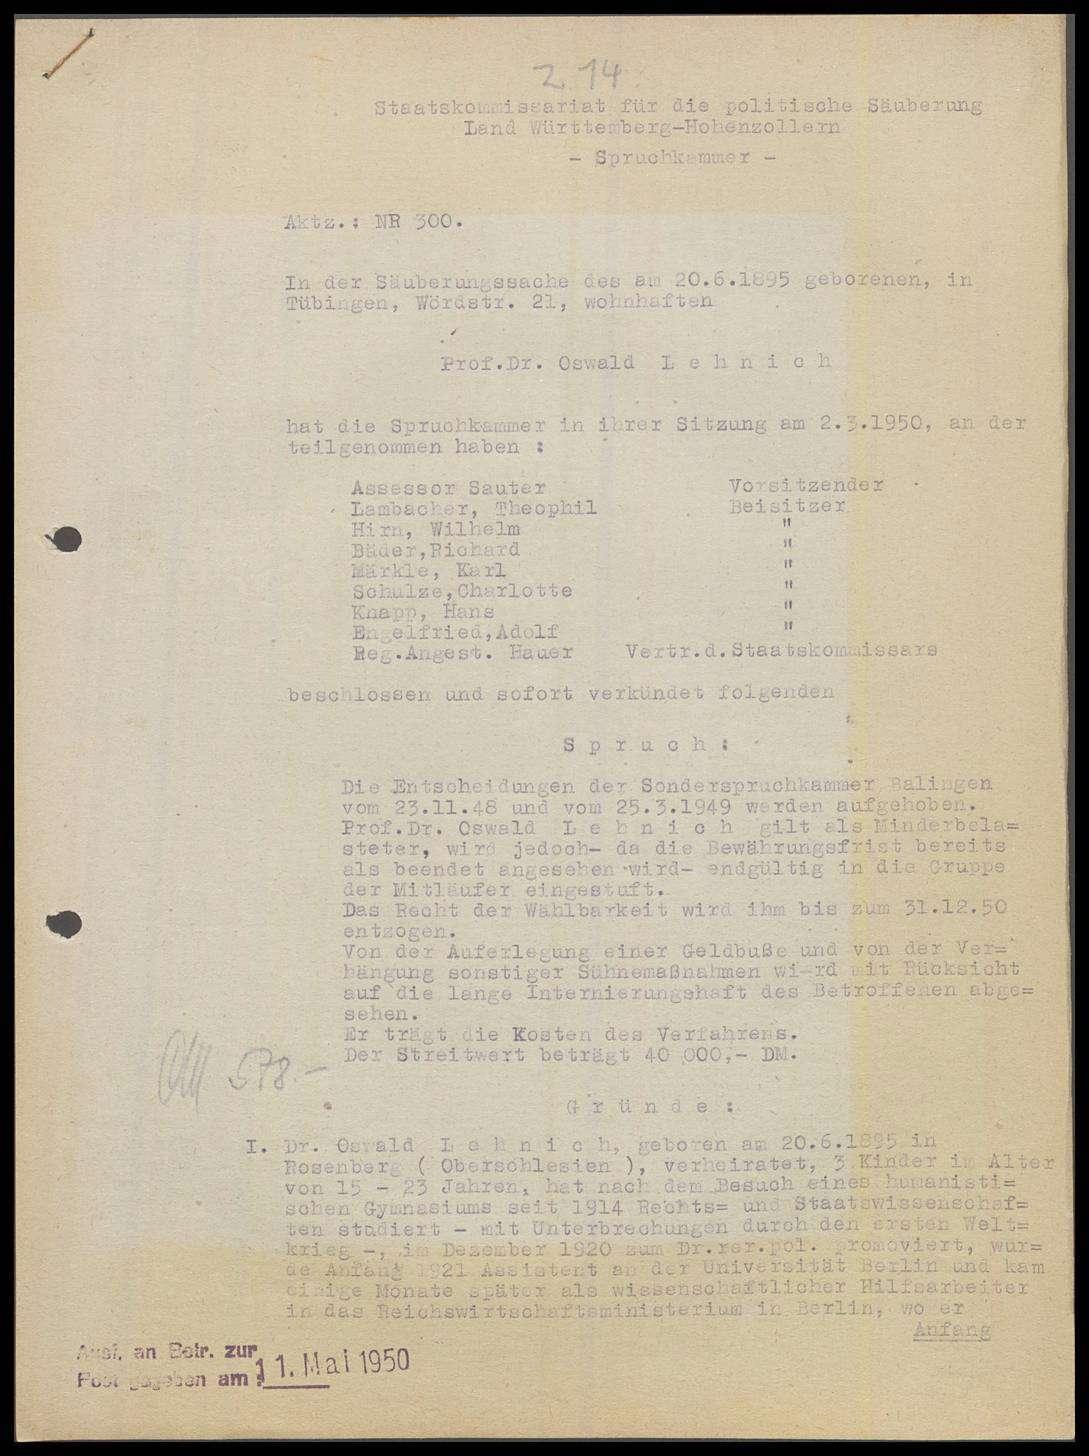 Lehnich, Oswald, Prof. Dr., Bild 1